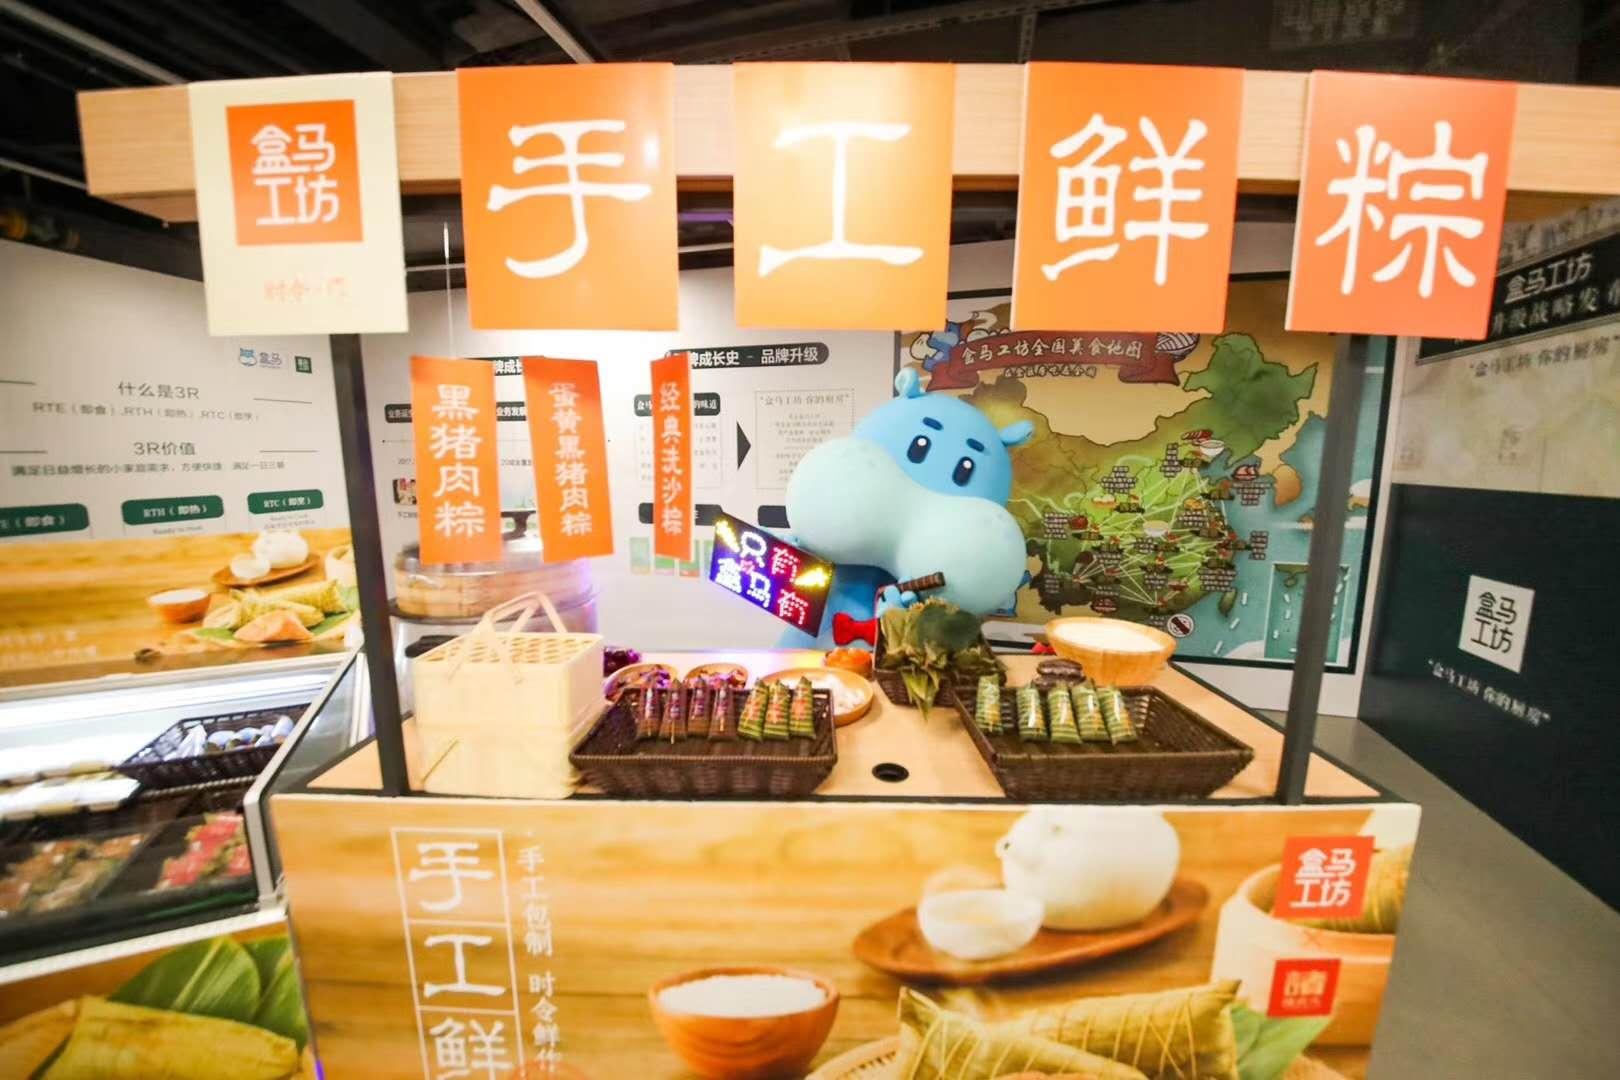 杏悅:工坊推餐飲零售一杏悅體化將在上海開首家圖片